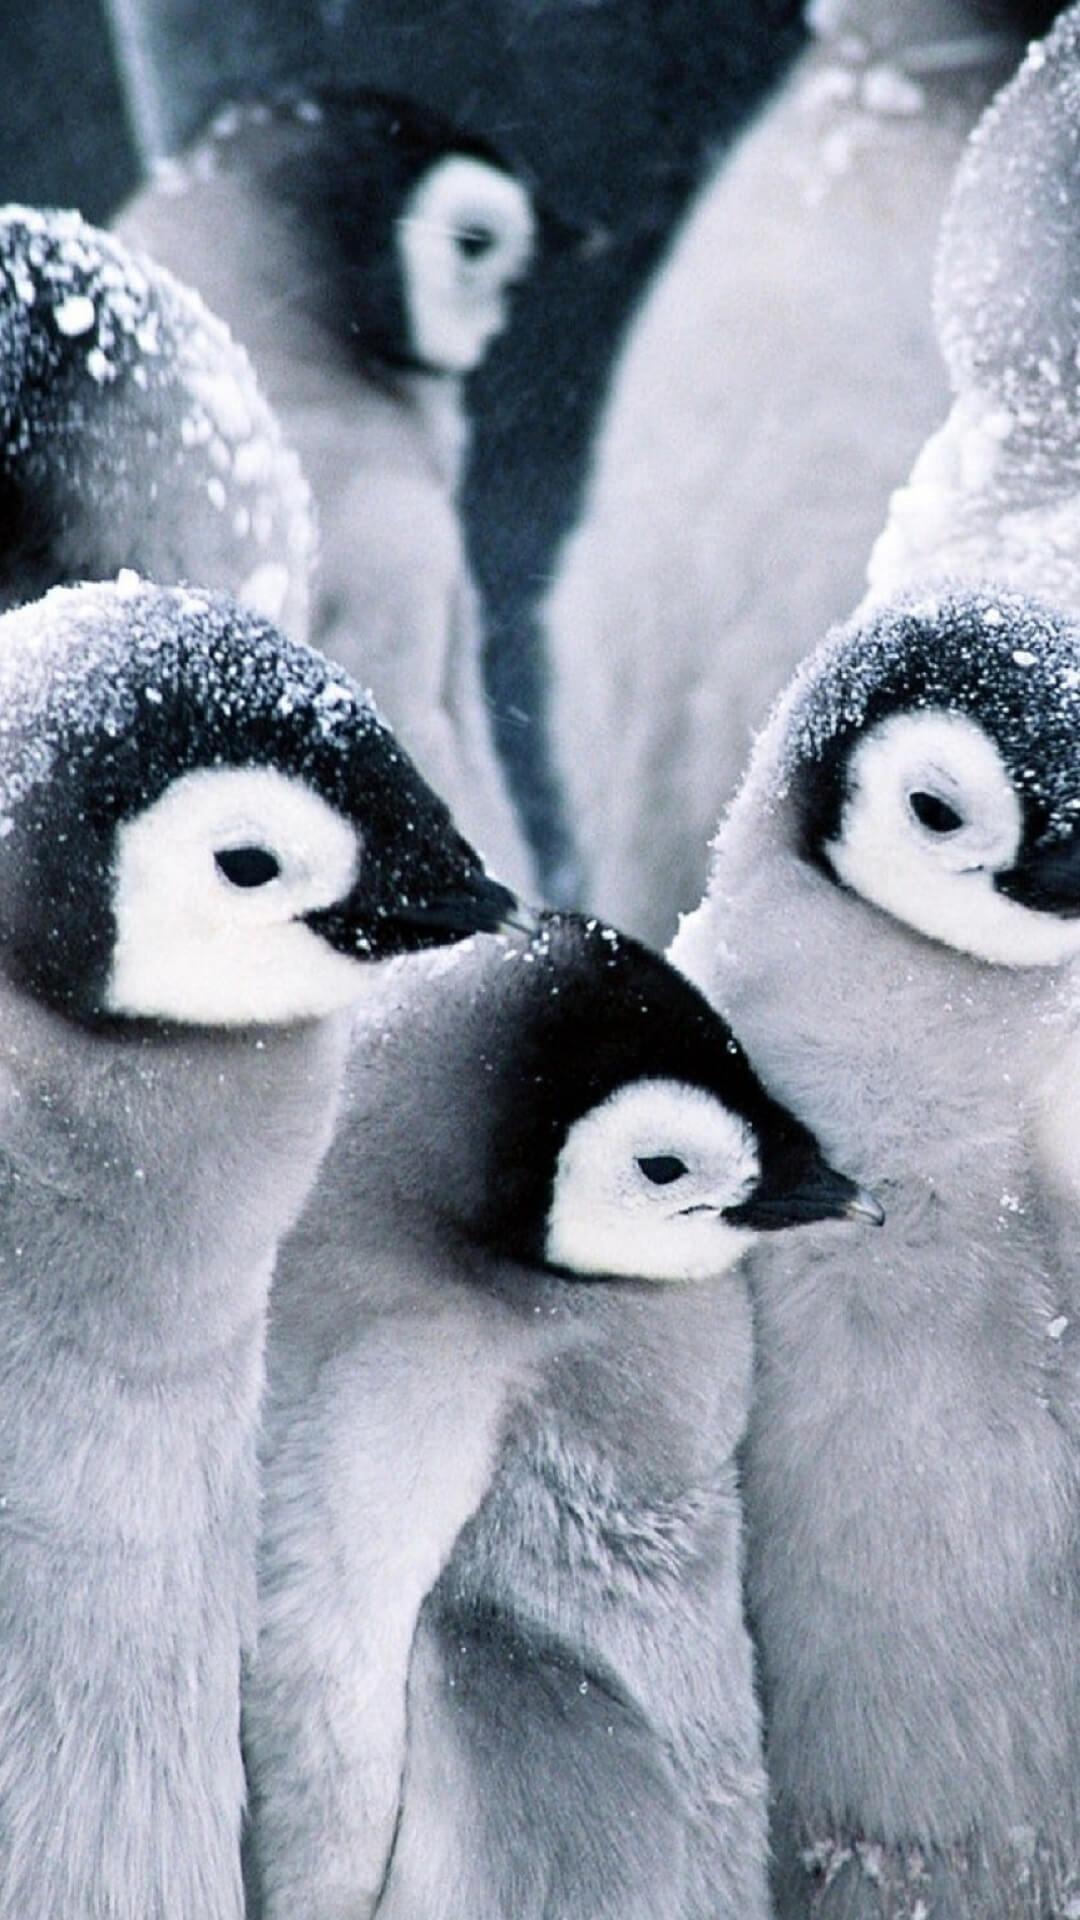 صورة لطيور البطريق ! - صفحة 2 Screen-1.jpg?fakeurl=1&type=